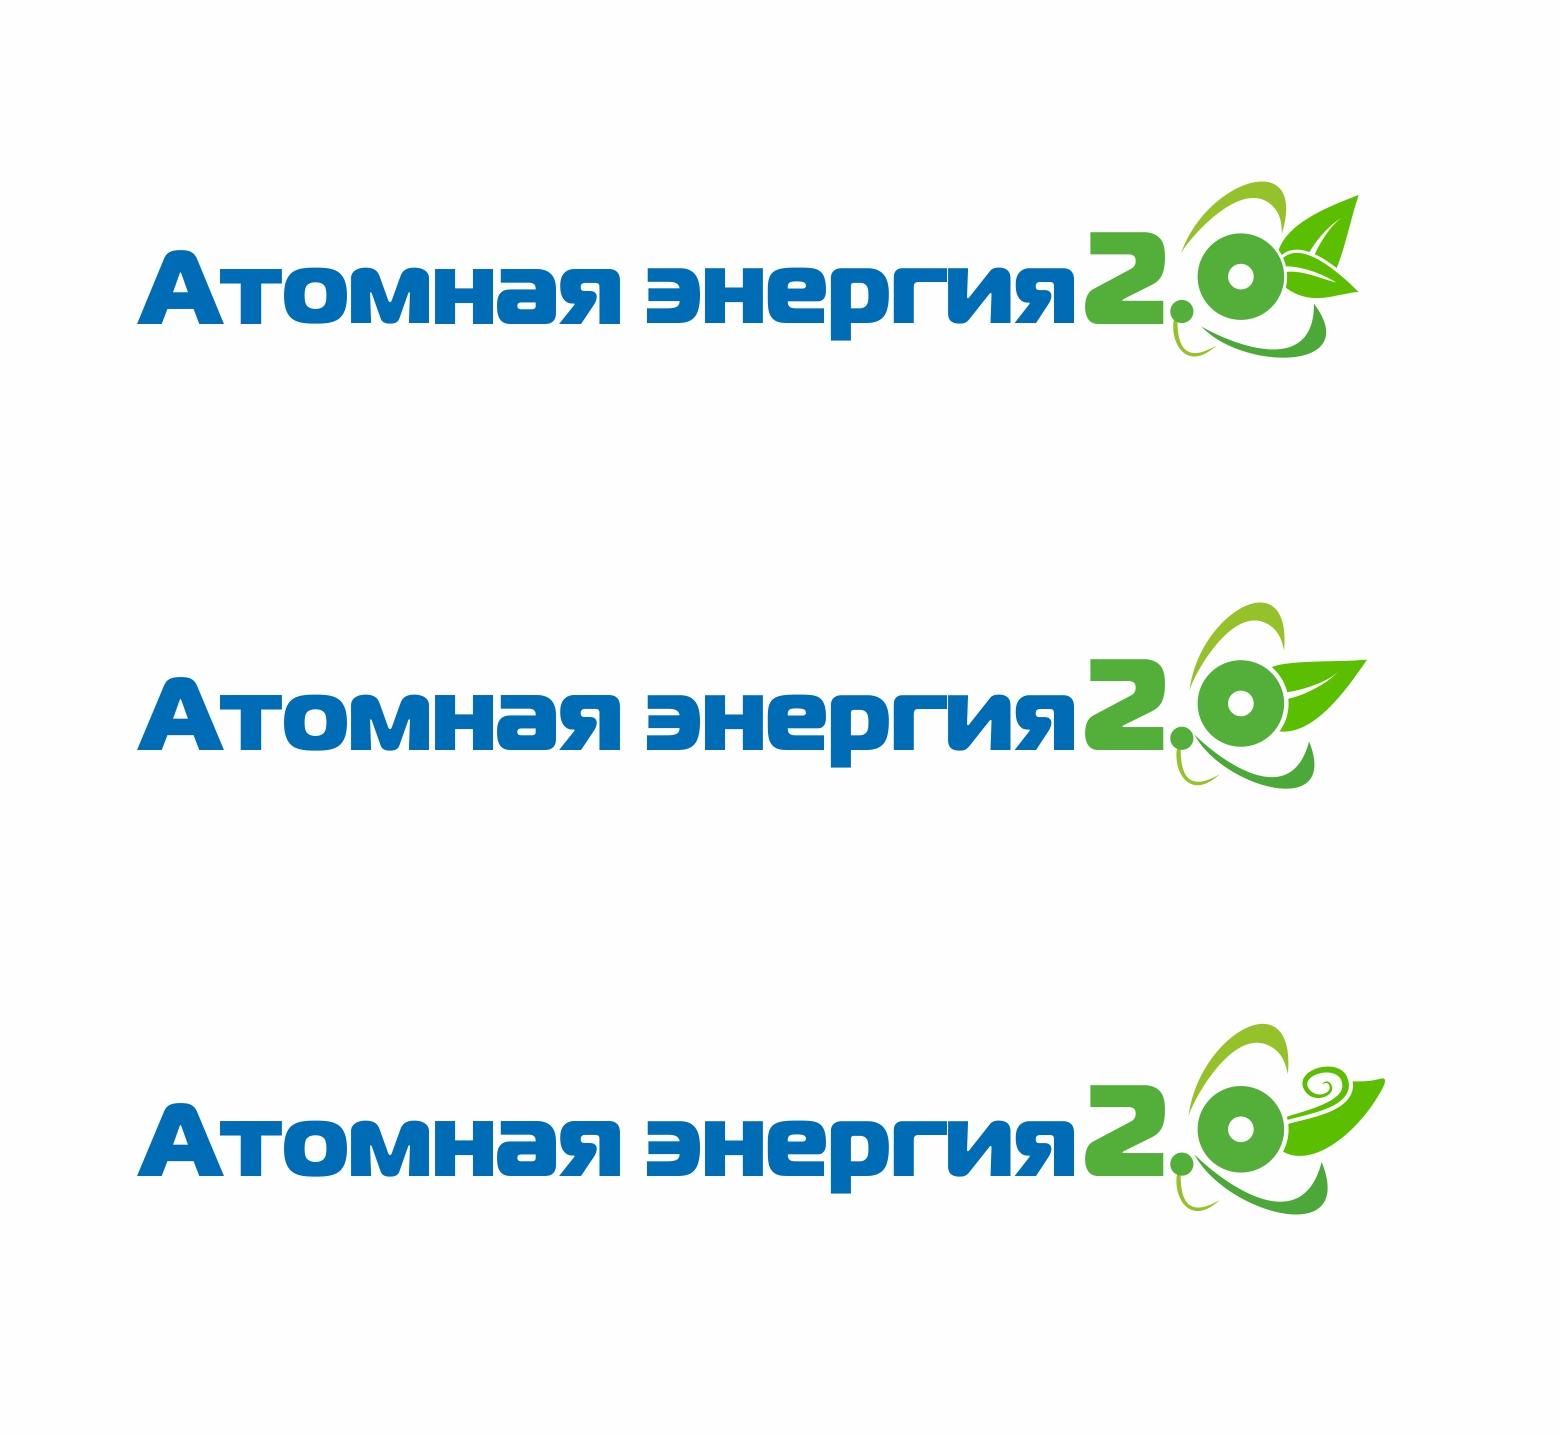 """Фирменный стиль для научного портала """"Атомная энергия 2.0"""" фото f_84459ddb66ccaa04.jpg"""